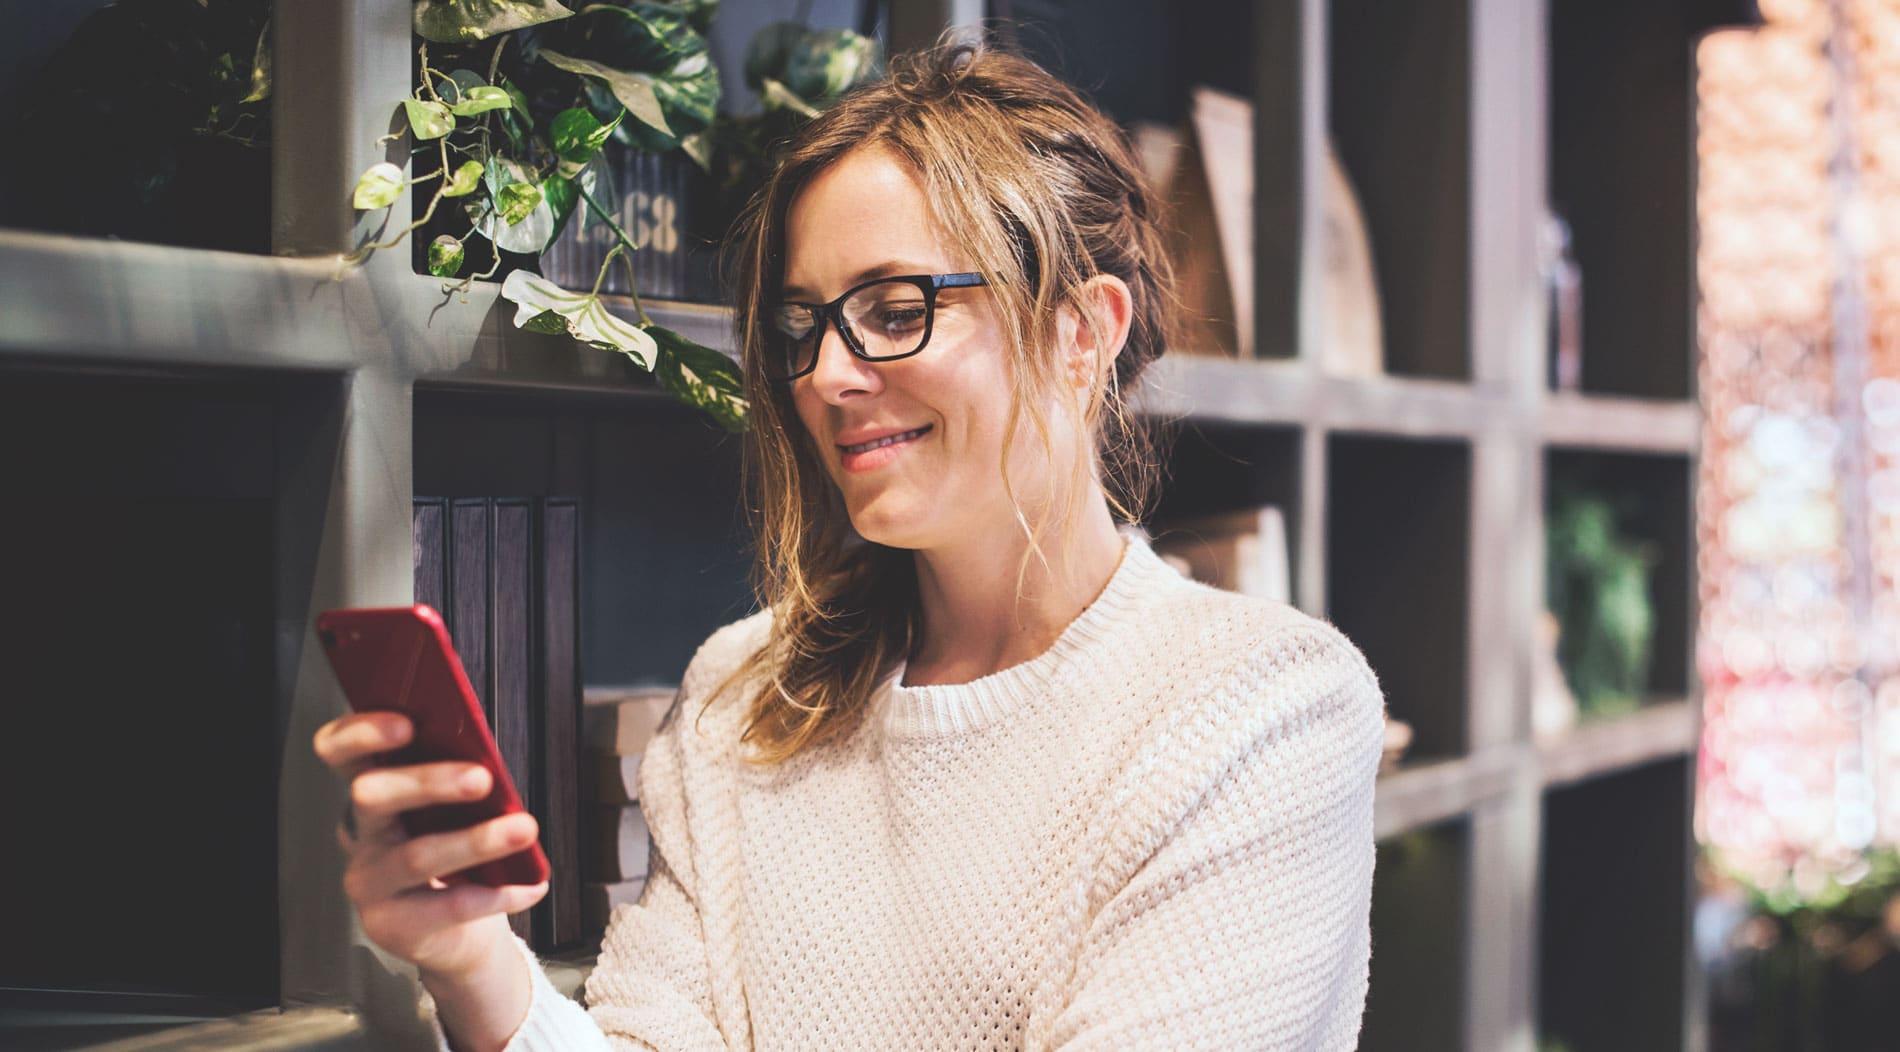 Ben jij verslaafd aan sociale media?